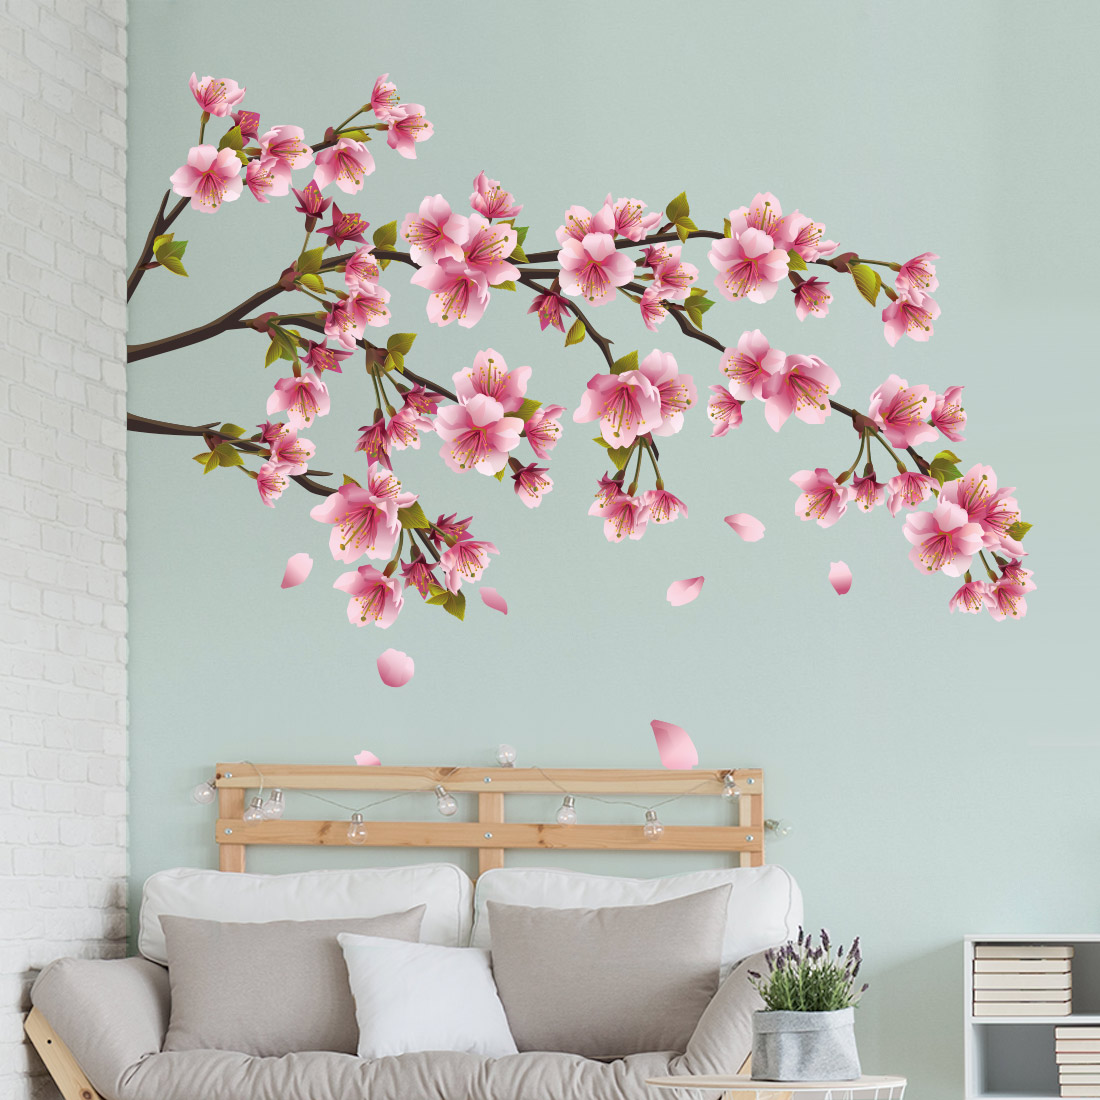 Muursticker bloesemtak met bloemen v a 19 95 gratis Muurteksten woonkamer